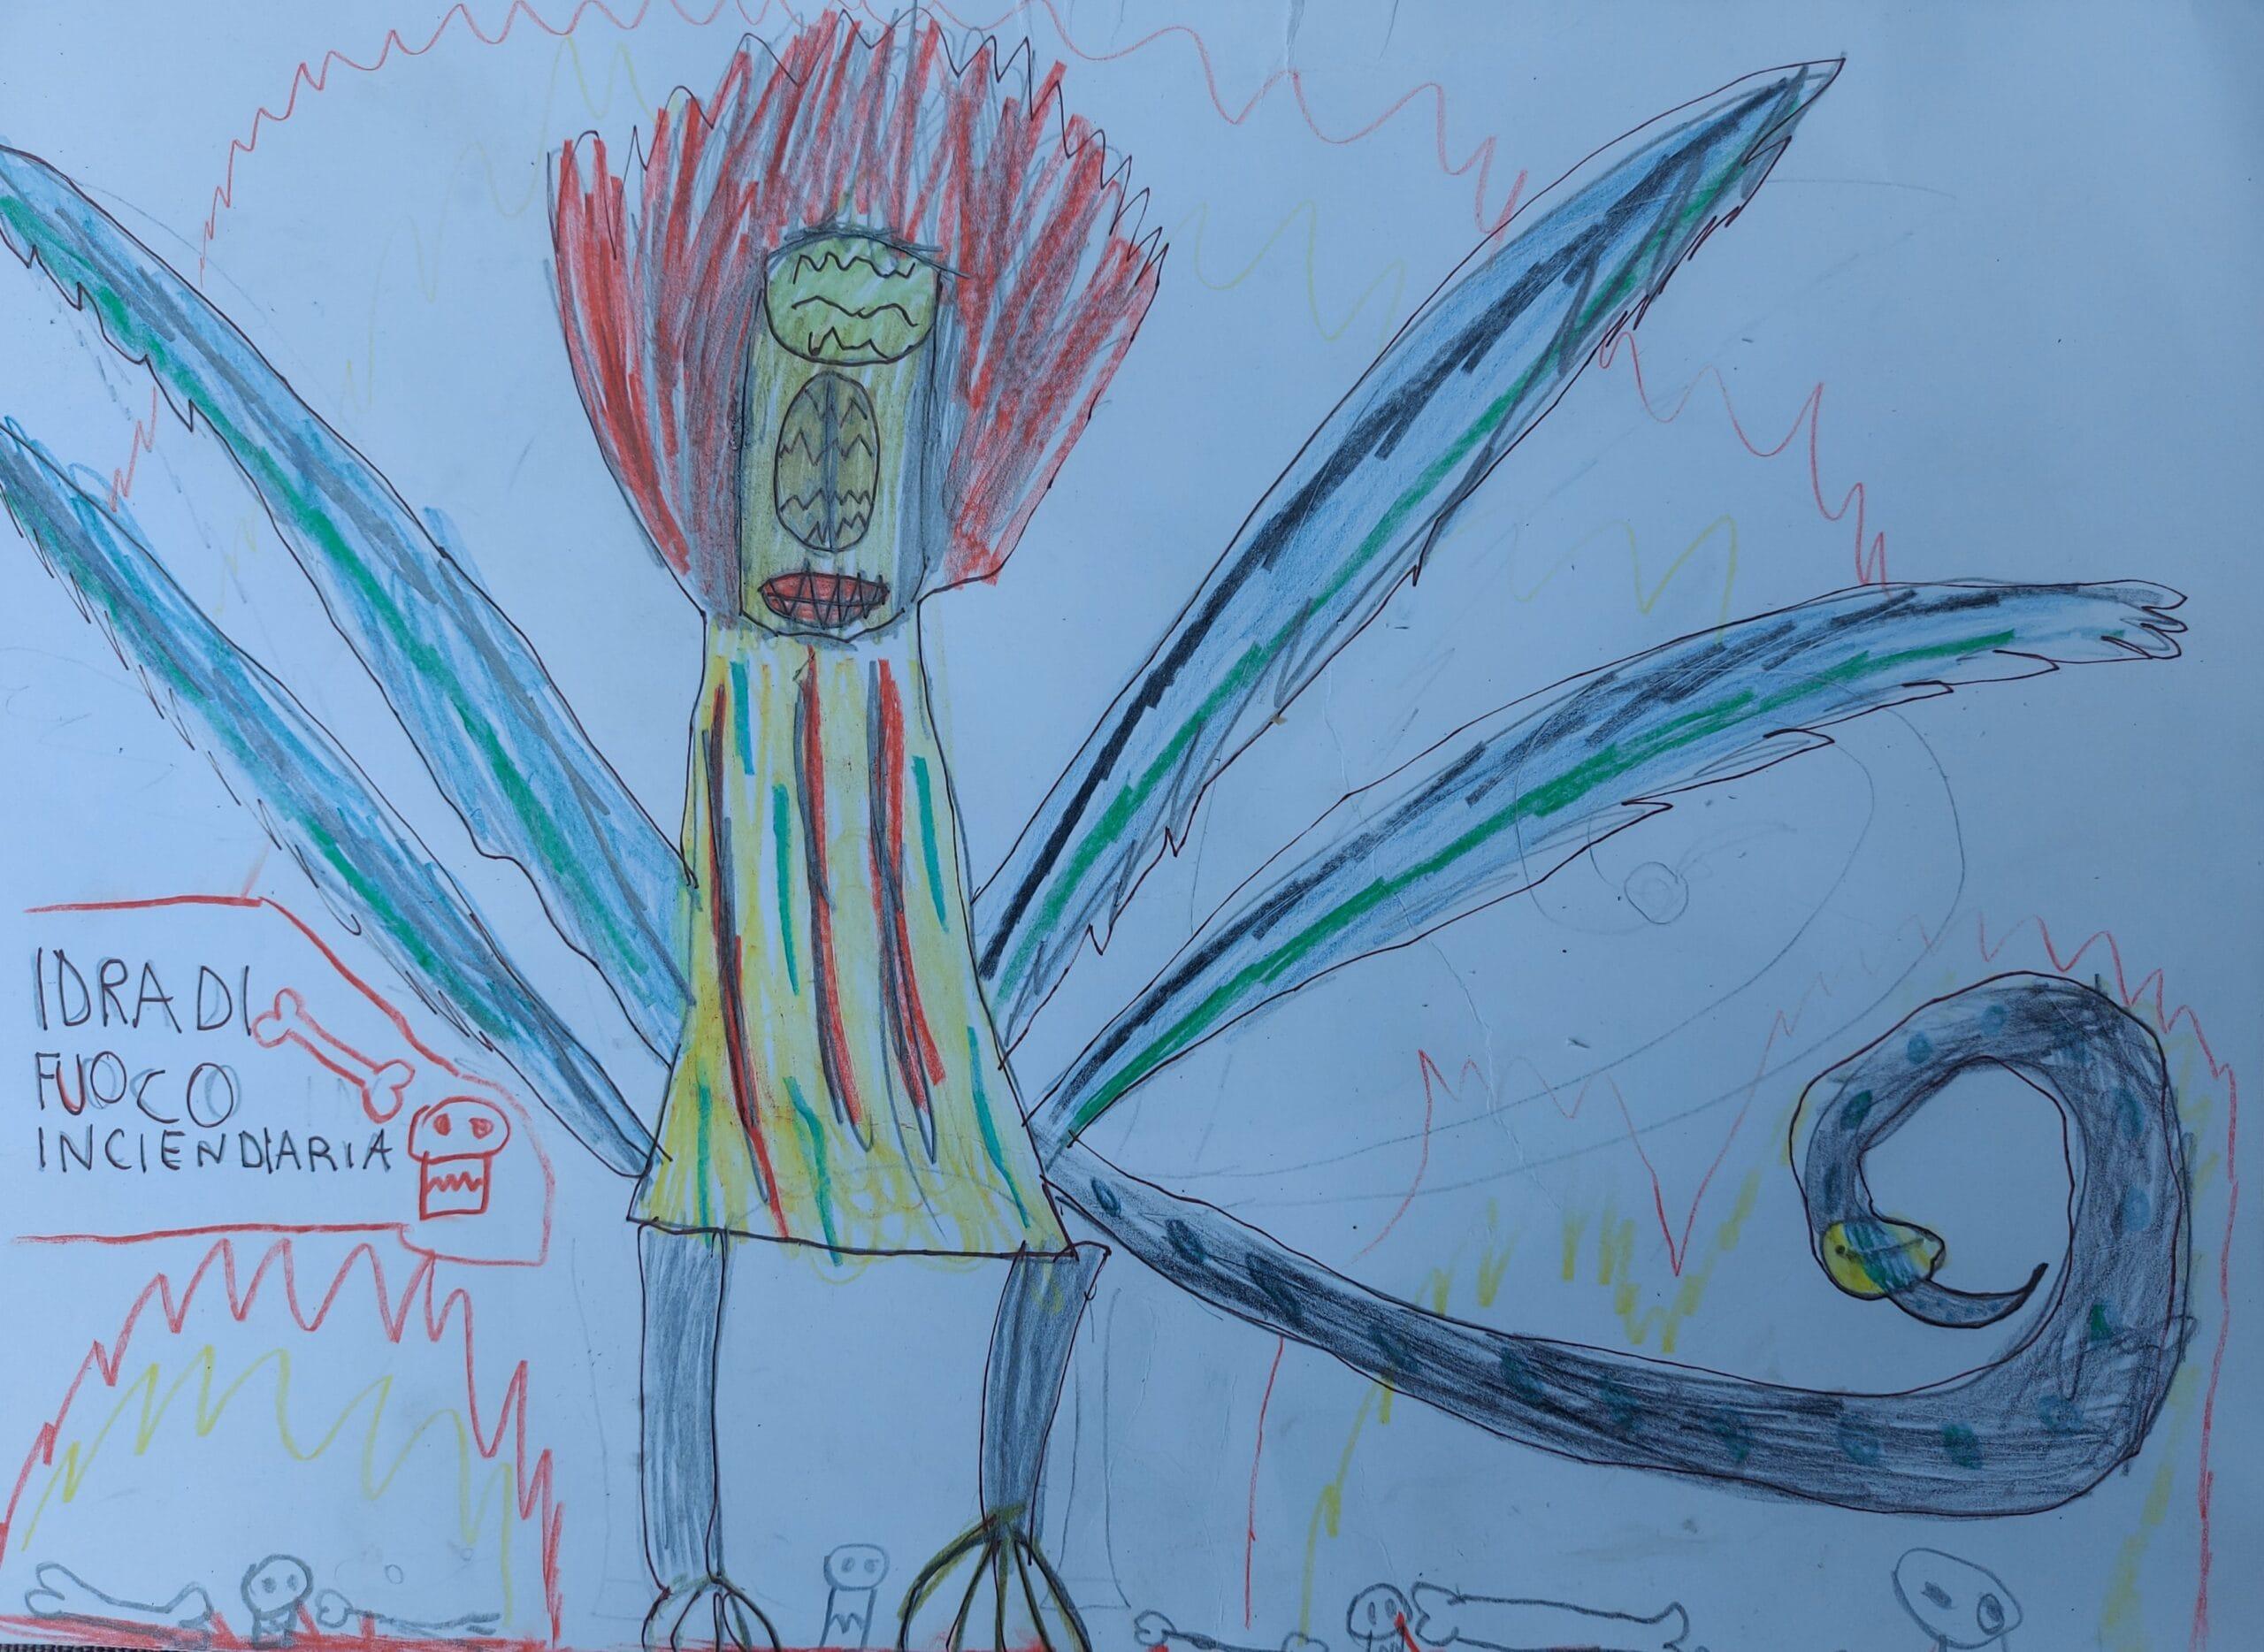 Gallery, i mostri di Dante visti dai focusini